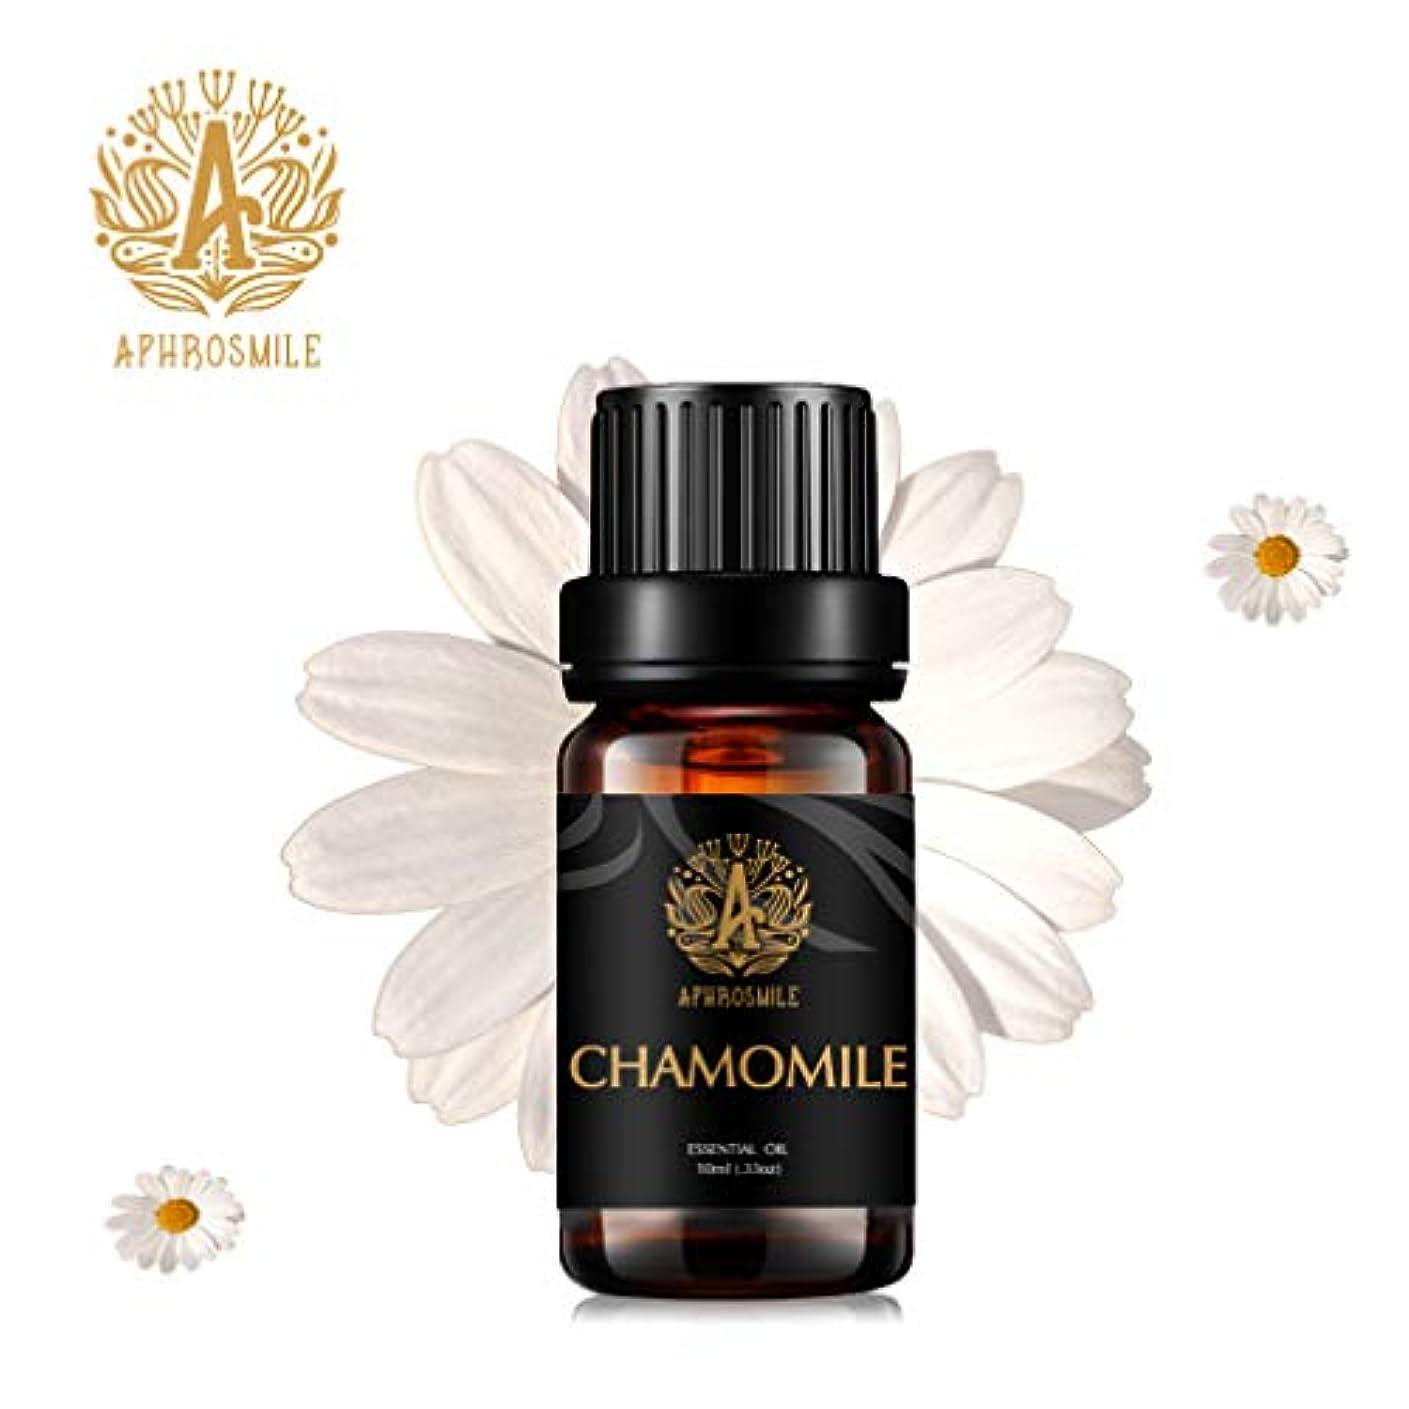 精巧な動そこカモミールエッセンシャルオイル、100%純粋なアロマセラピーエッセンシャルオイルカモミールの香り、不安を和らげます、治療上の等級の精油のカモミールの芳香のために拡散器、マッサージ、加湿器、毎日の心配、0.33オンス-10ml